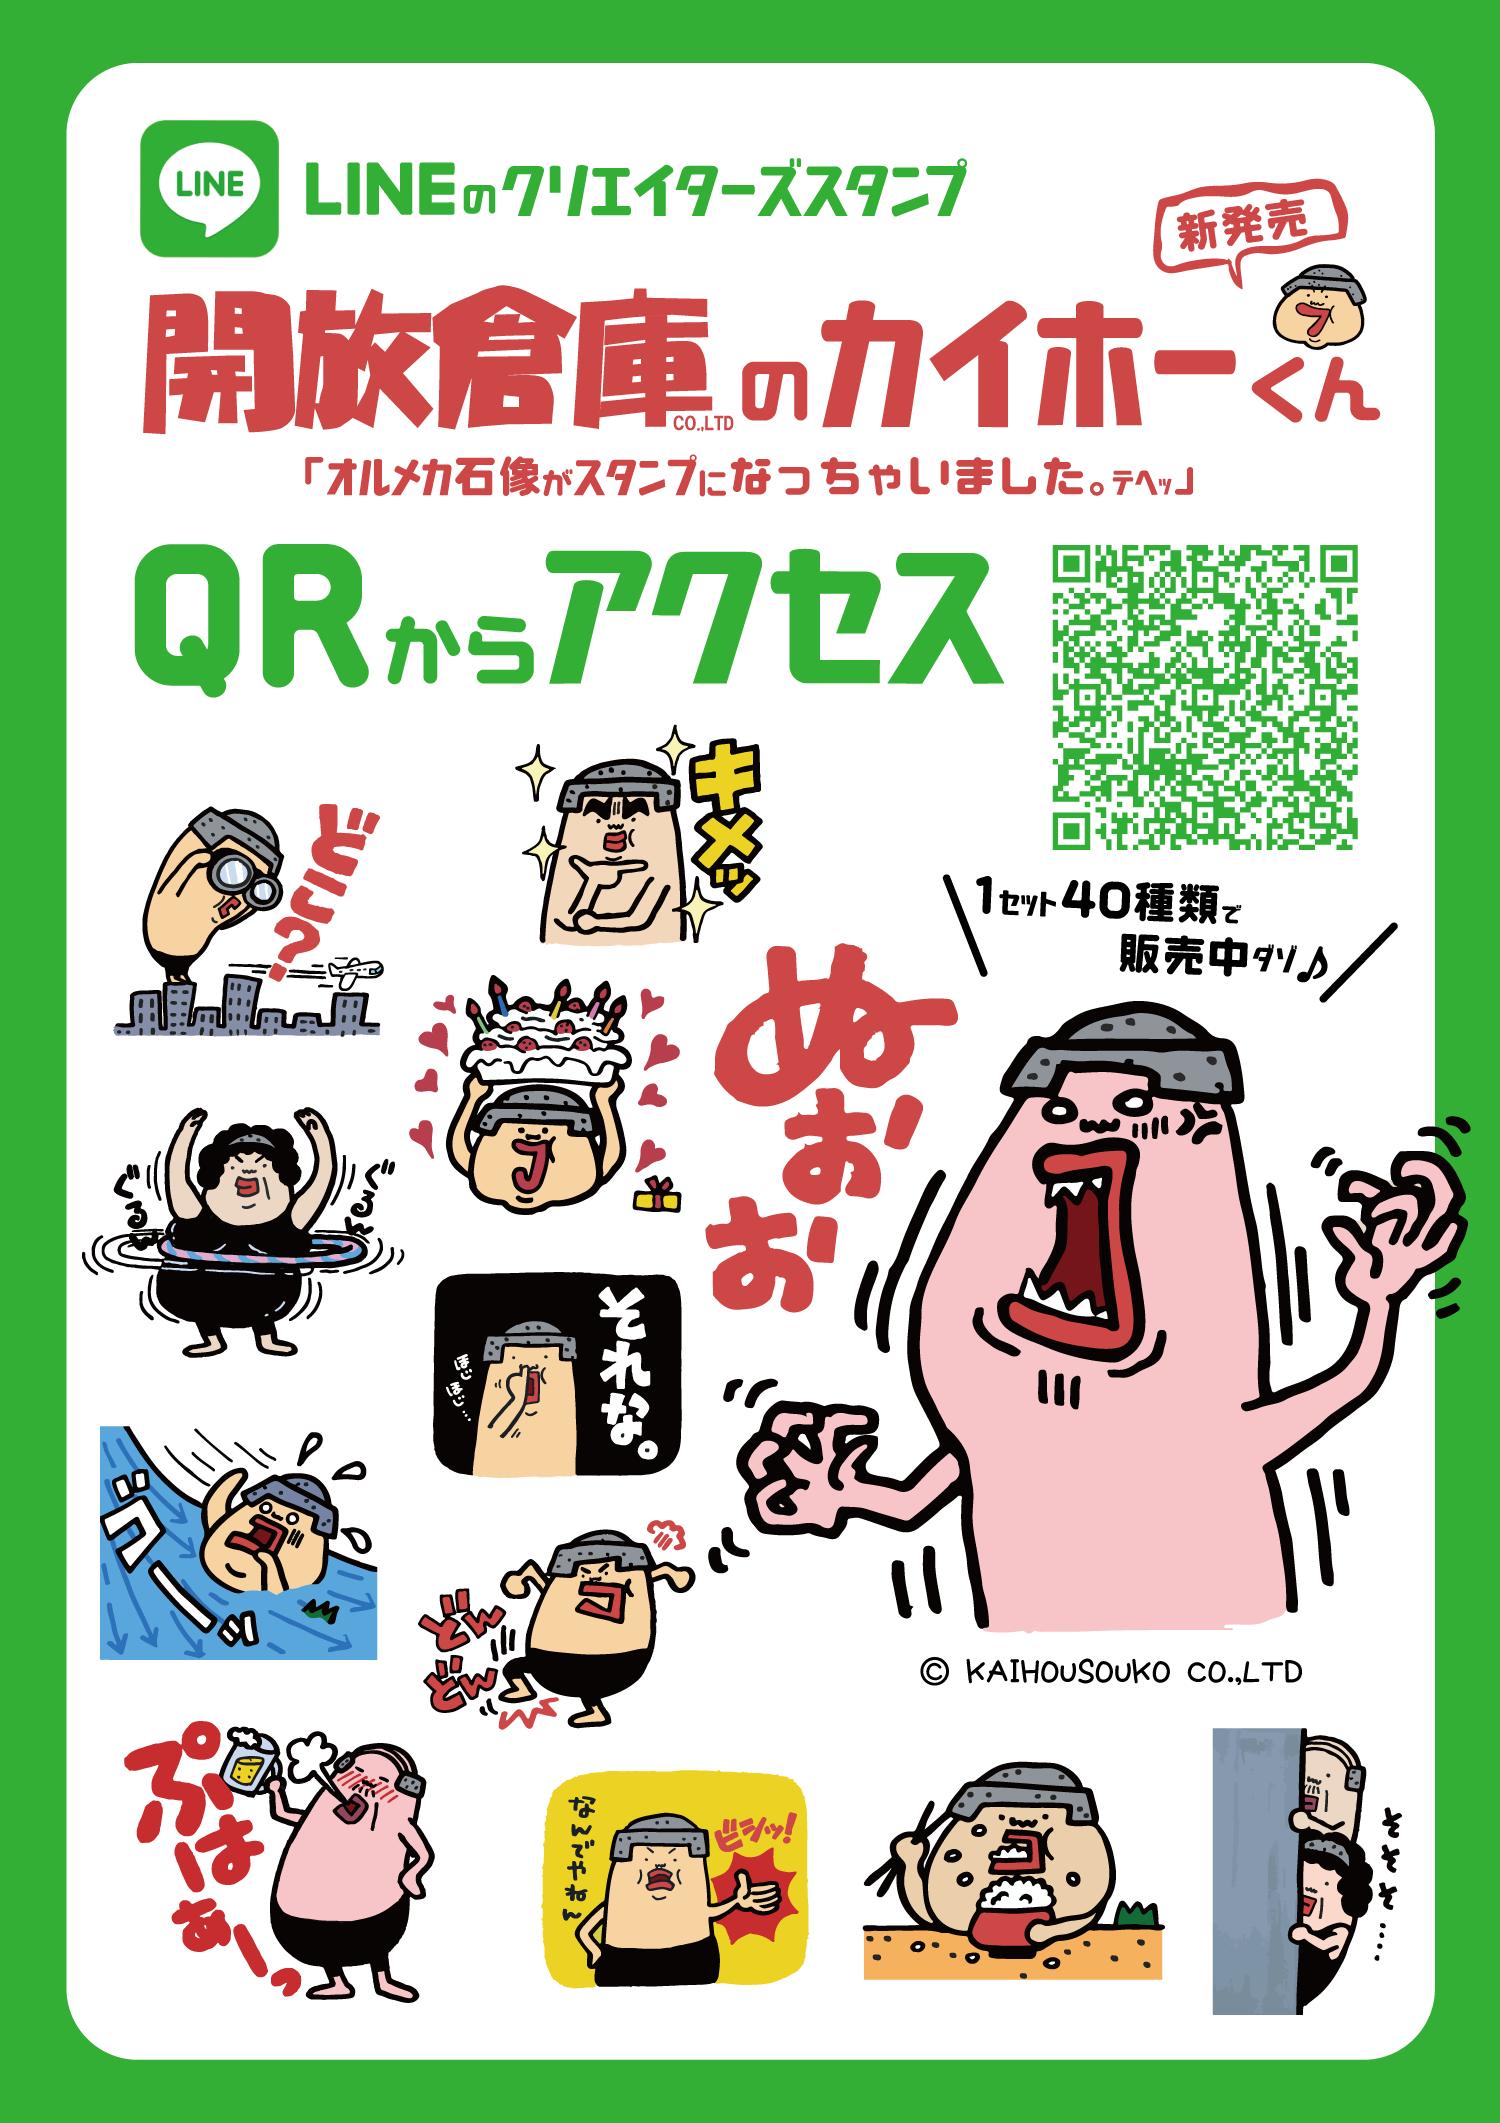 「開放倉庫」LINEのクリエイターズスタンプ!開放倉庫のカイホーくん新発売!!3月14日(火)より発売開始しました!!